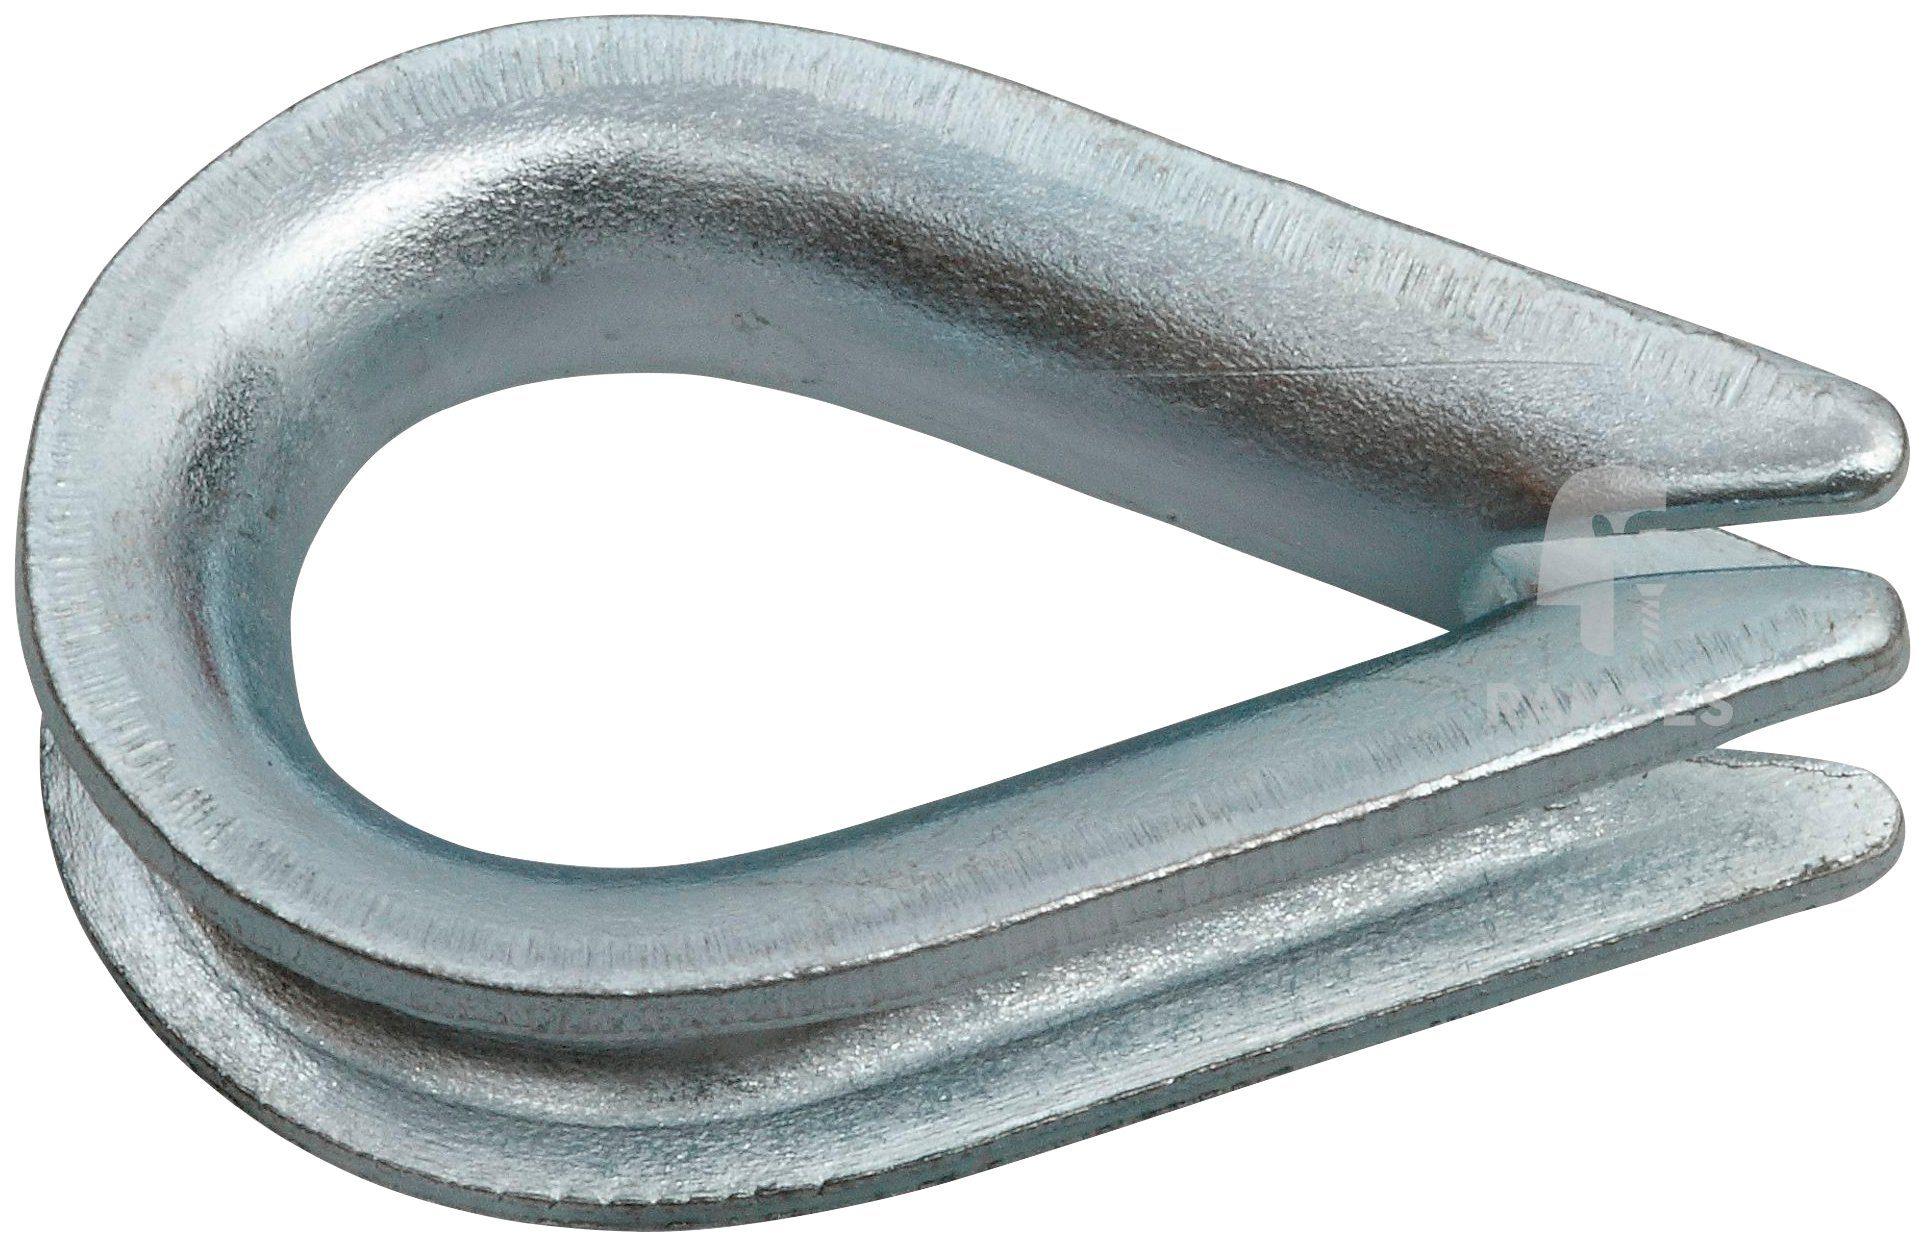 RAMSES Kausche , 3,5 mm Stahl verzinkt 50 Stück